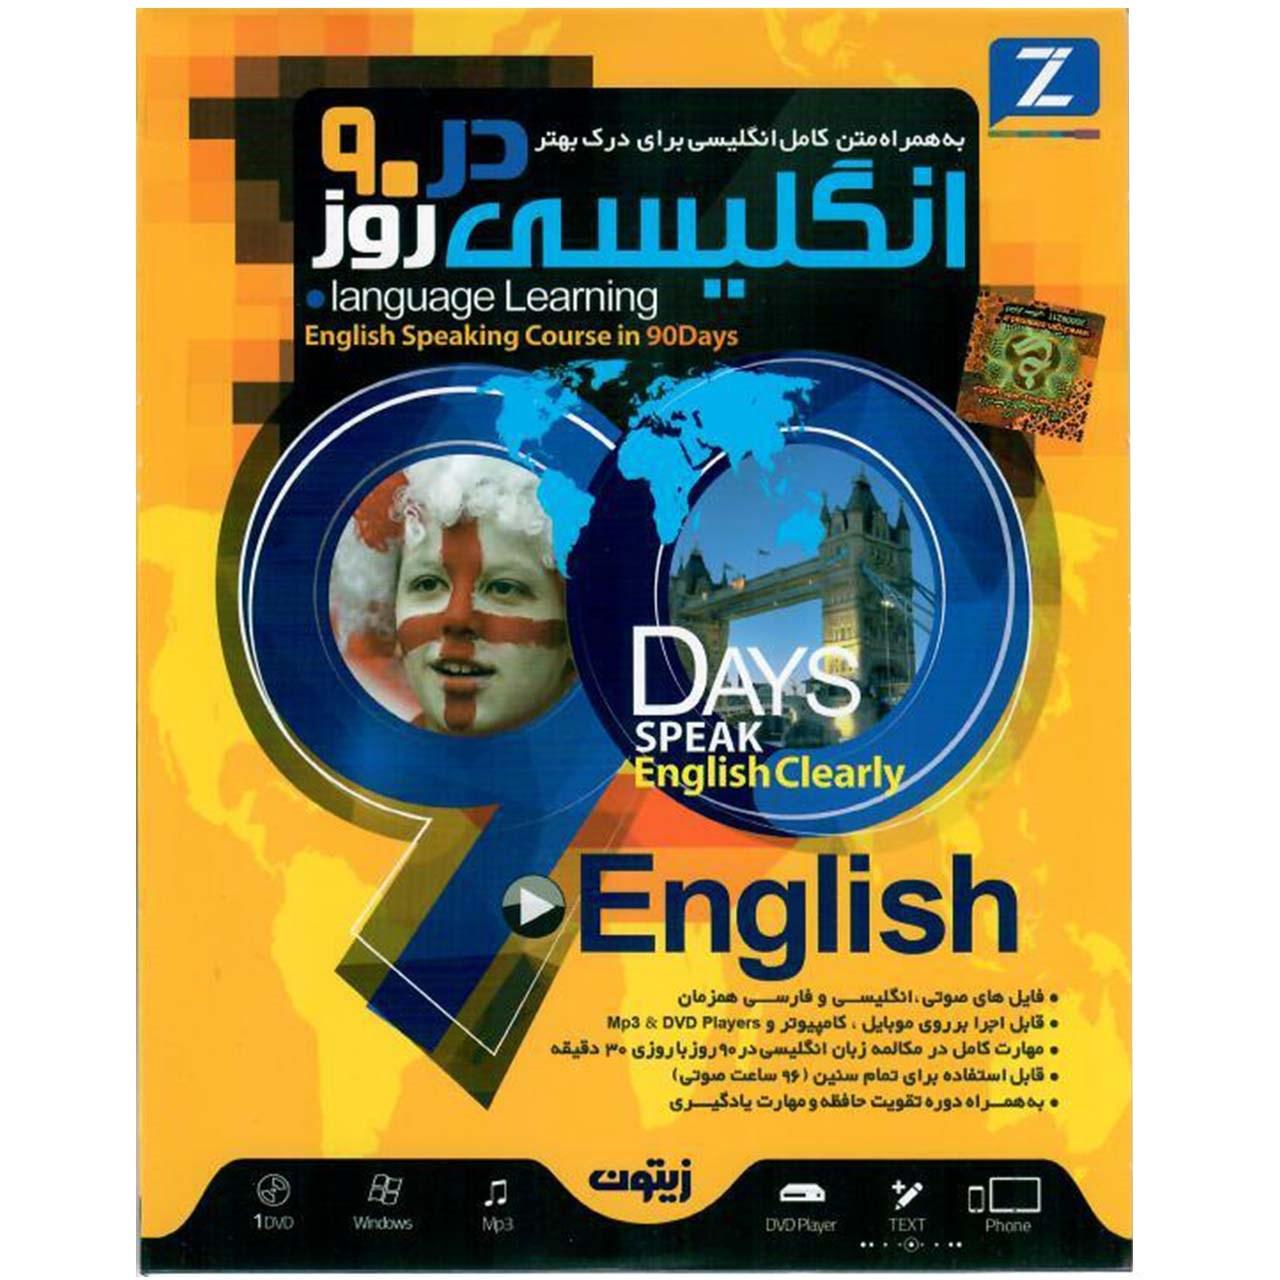 عکس نرم افزار آموزش مکالمه زبان انگلیسی در90 روز  نشر زیتون